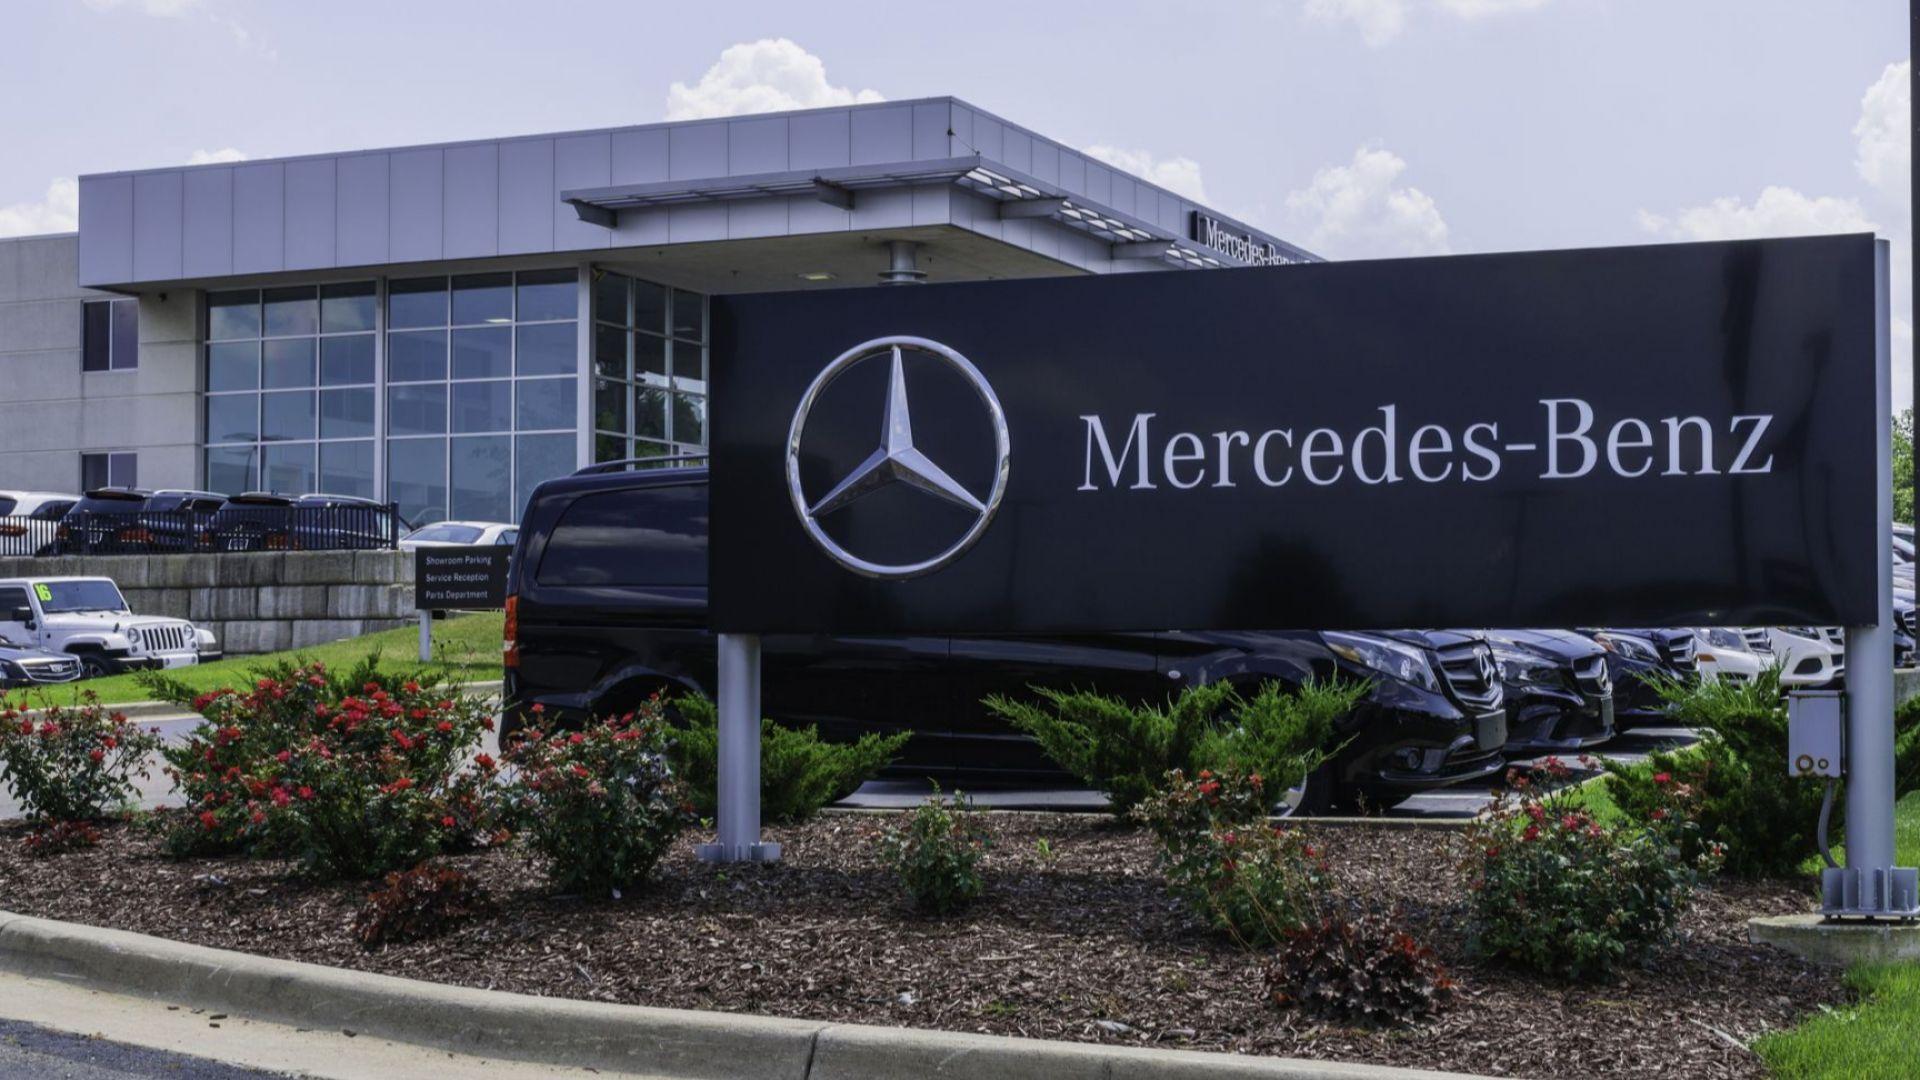 Силен старт на 2021 г. за Даймлер: 10,5% ръст на продажбите на Мерцедес-Бенц